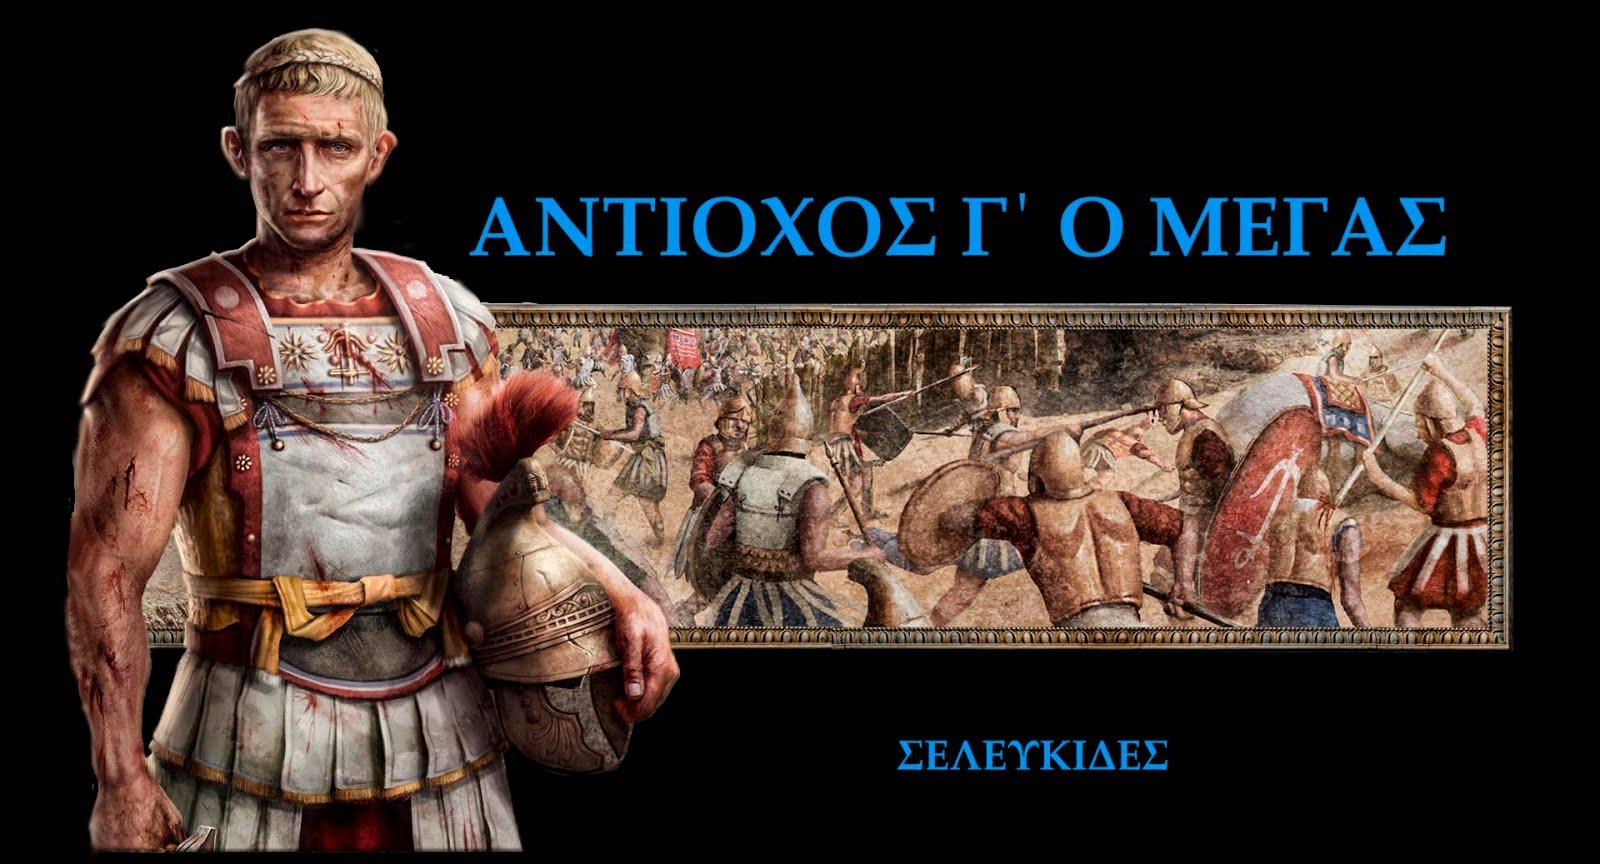 ΣΕΛΕΥΚΙΔΕΣ – ΑΝΤΙΟΧΟΣ Γ΄ Ο ΜΕΓΑΣ (αναβαθμισμένο)